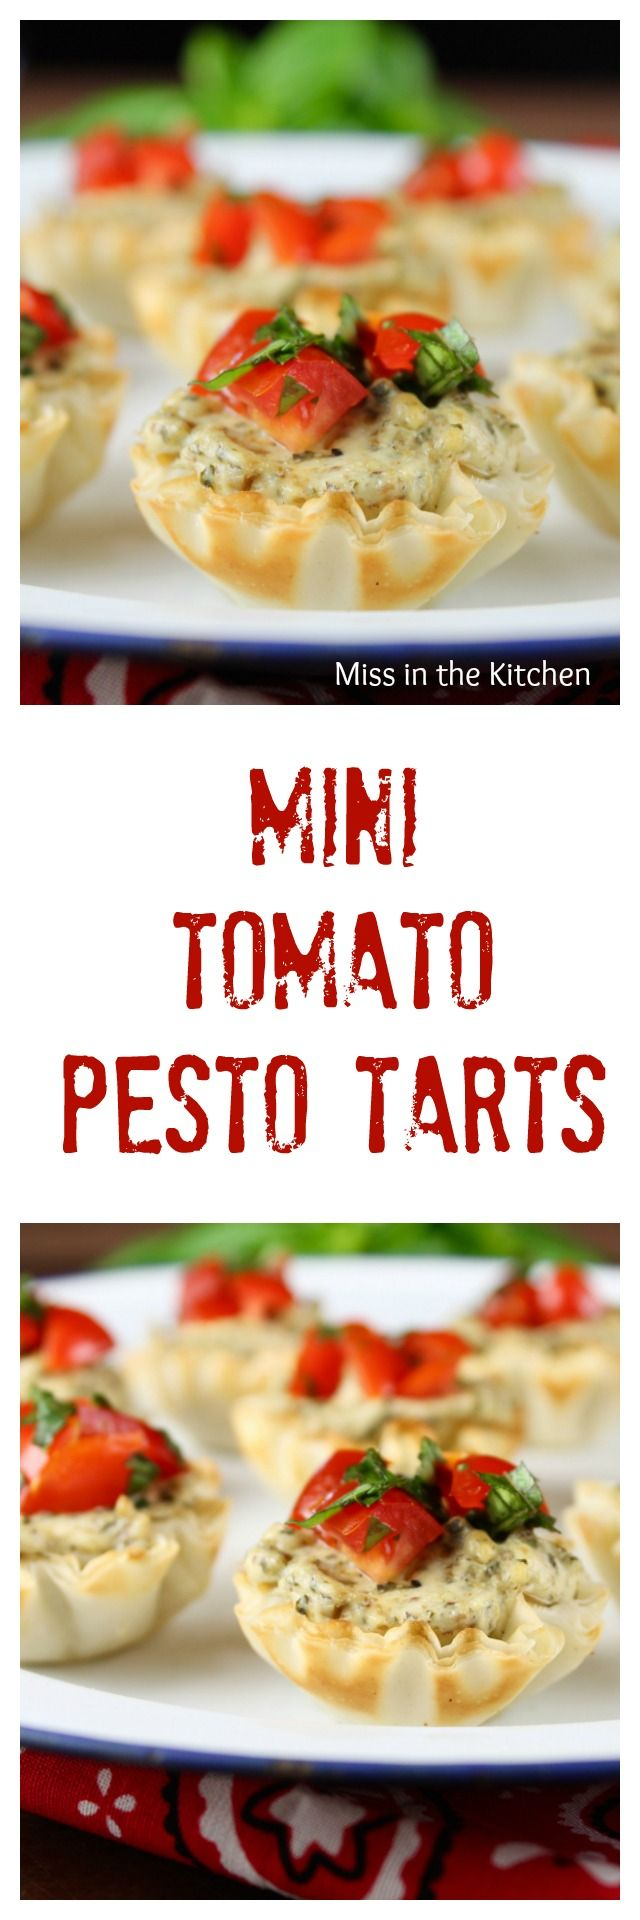 Mini Tomato Pesto Tarts